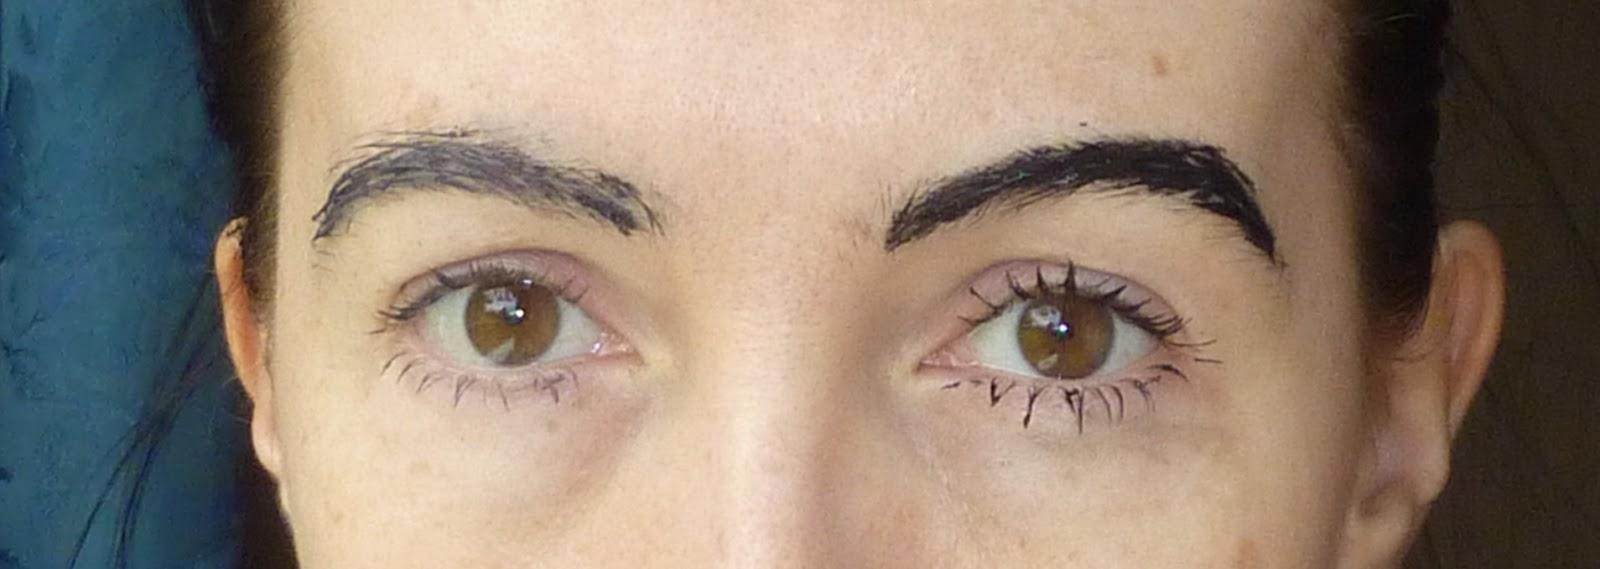 Turkusoowej Kosmetyczny Wiat Henna Do Brwi Delia Porwnanie